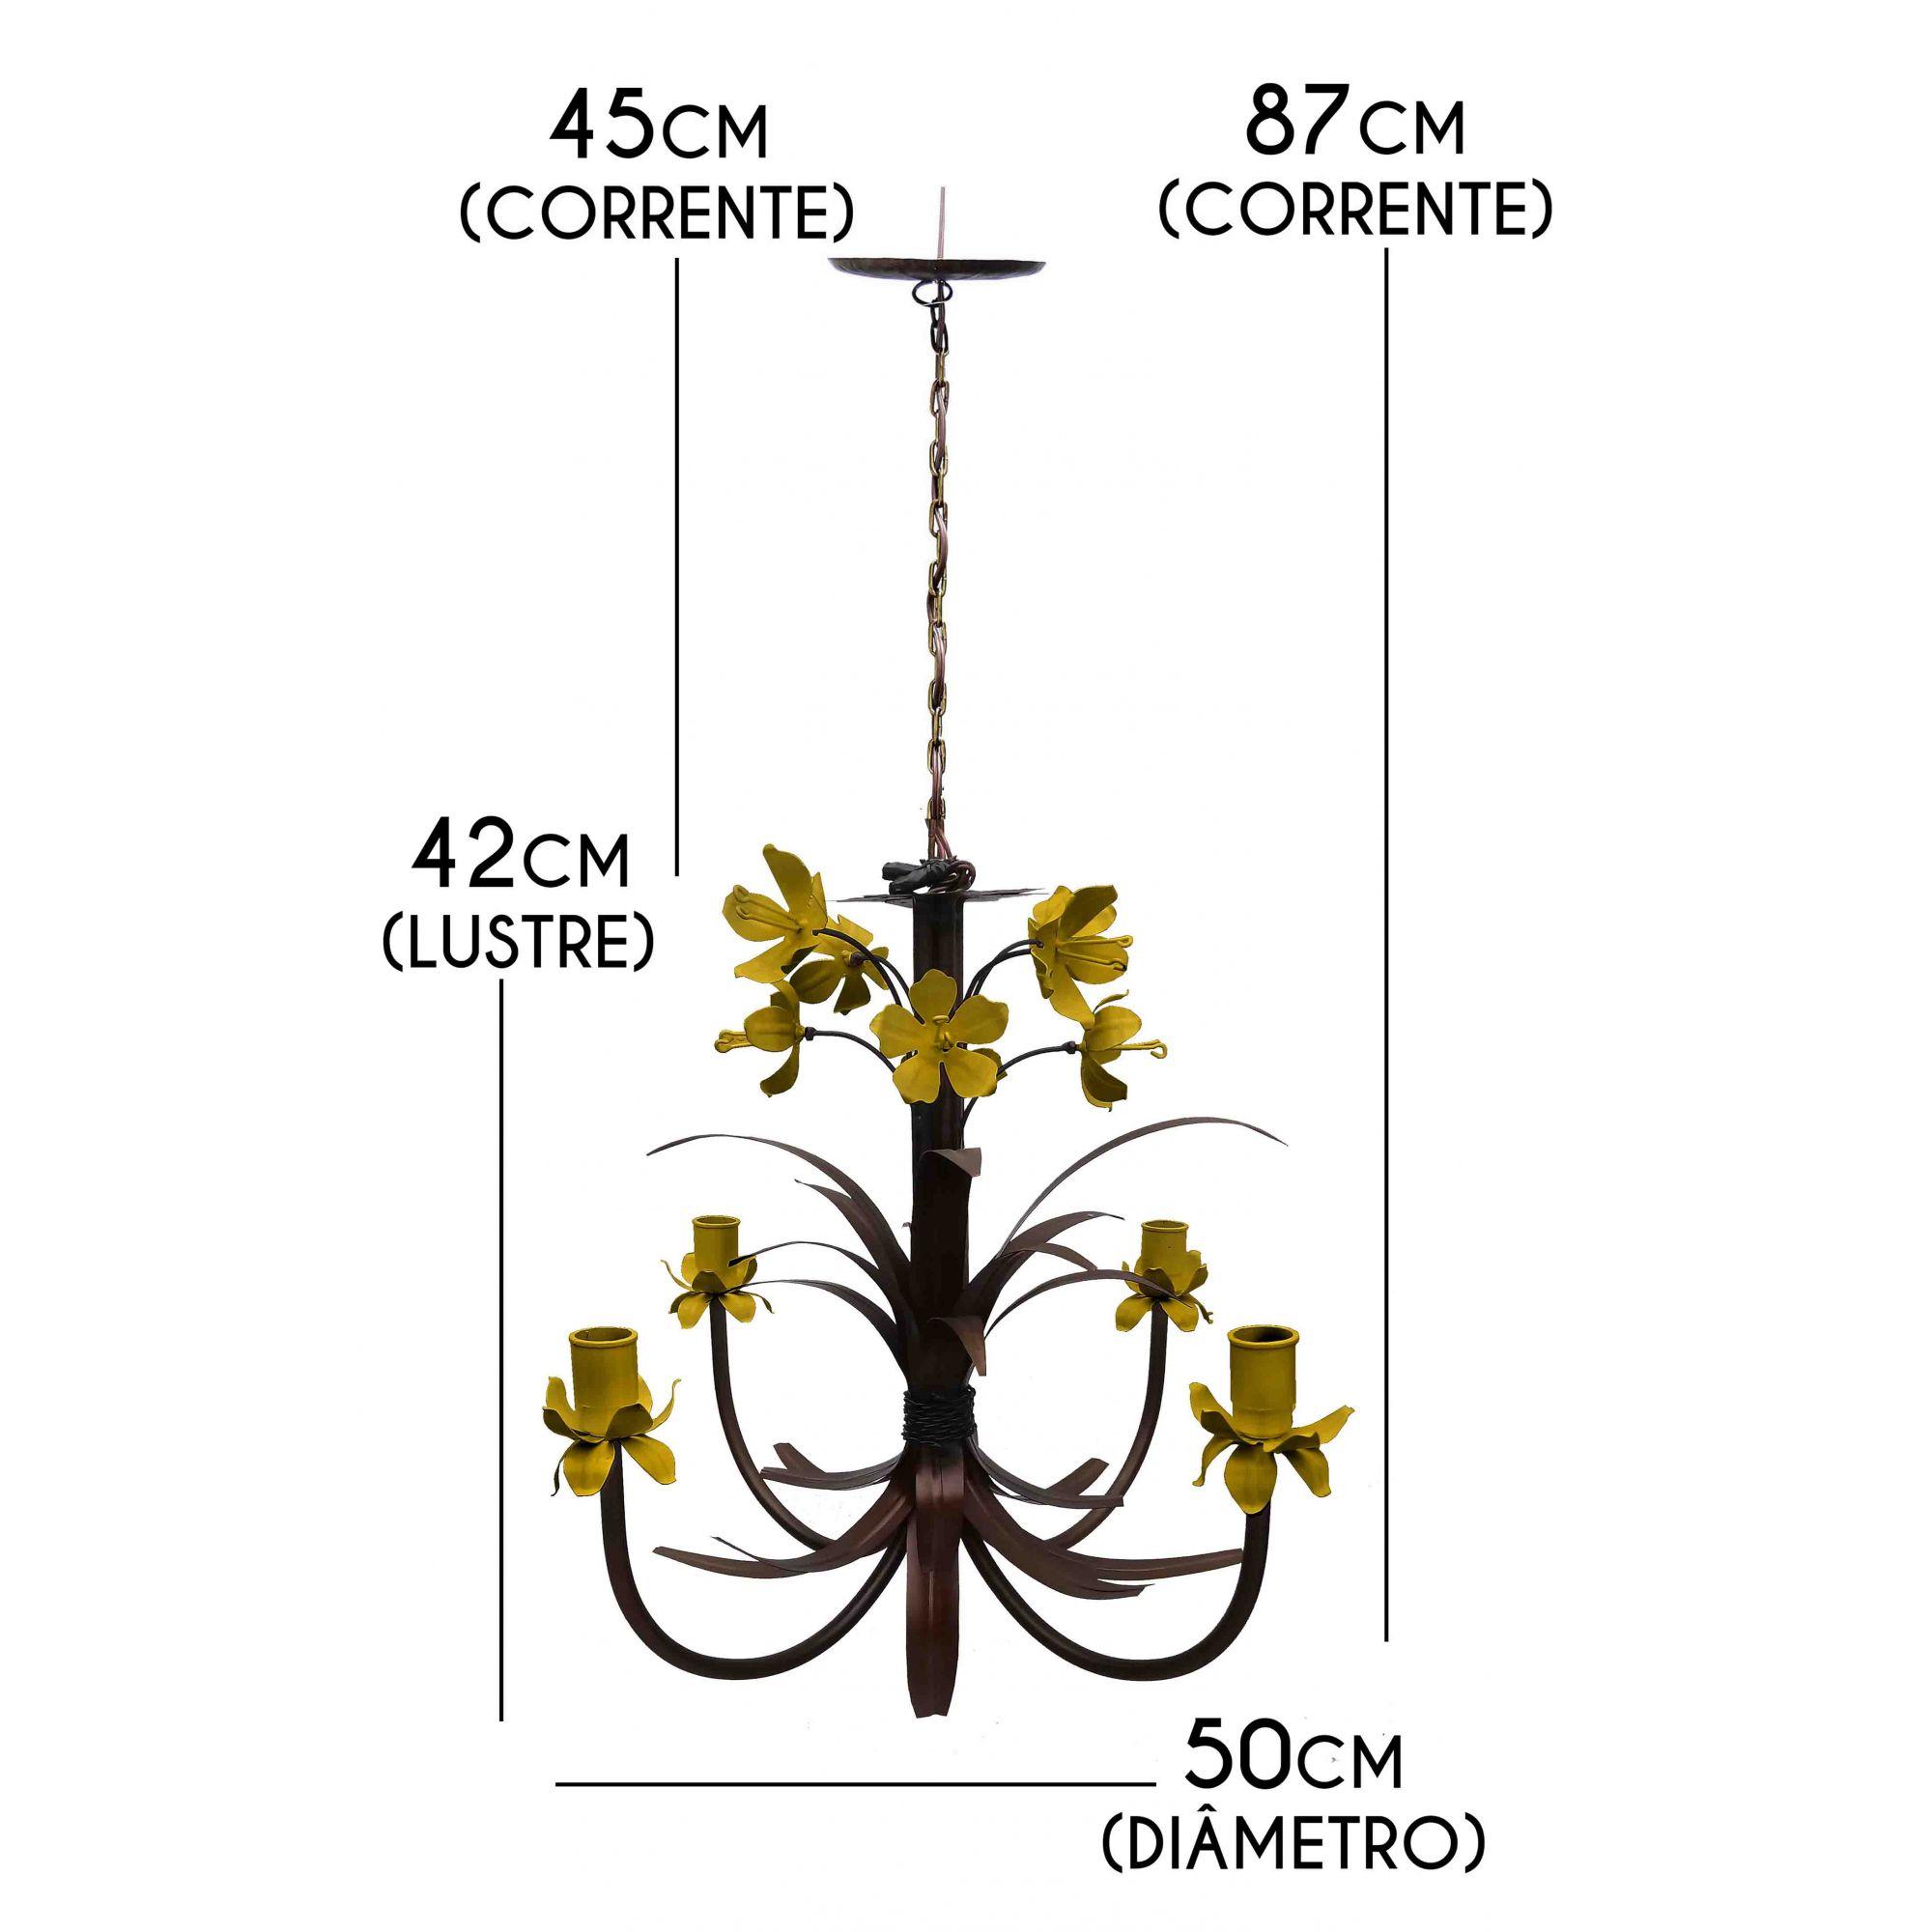 Luminaria de Ferro com Flores Artesanais Lirio Decoração Area Gourmet